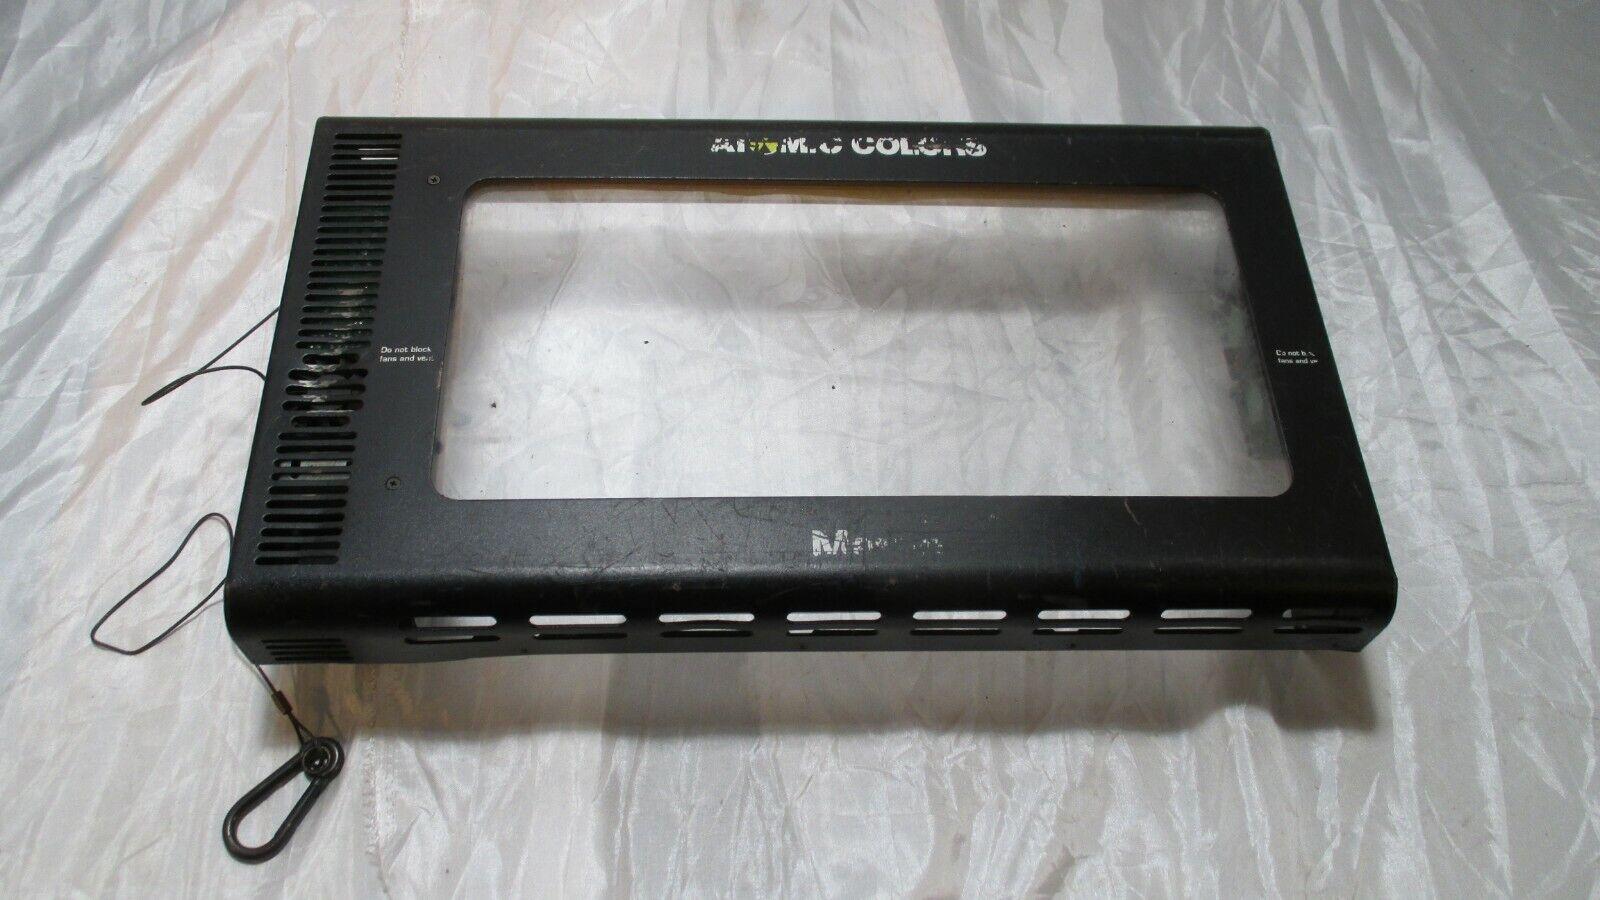 Martin Professional Color Gel Scroller For Atomic 3000 DMX Strobe Light